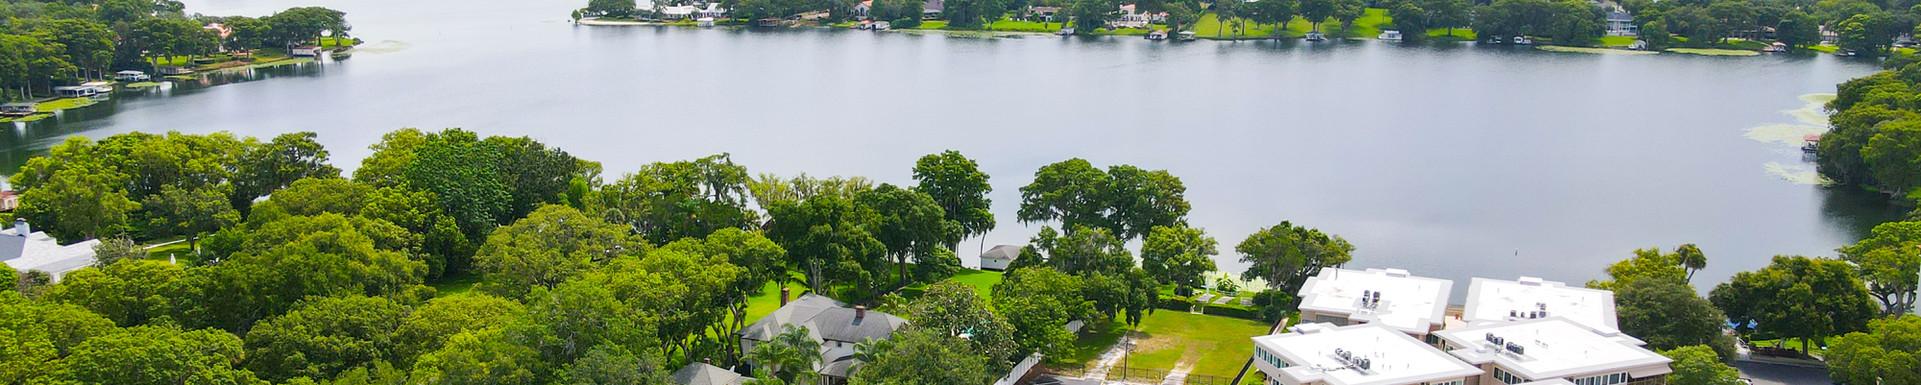 Aerial Photo of El Cortez